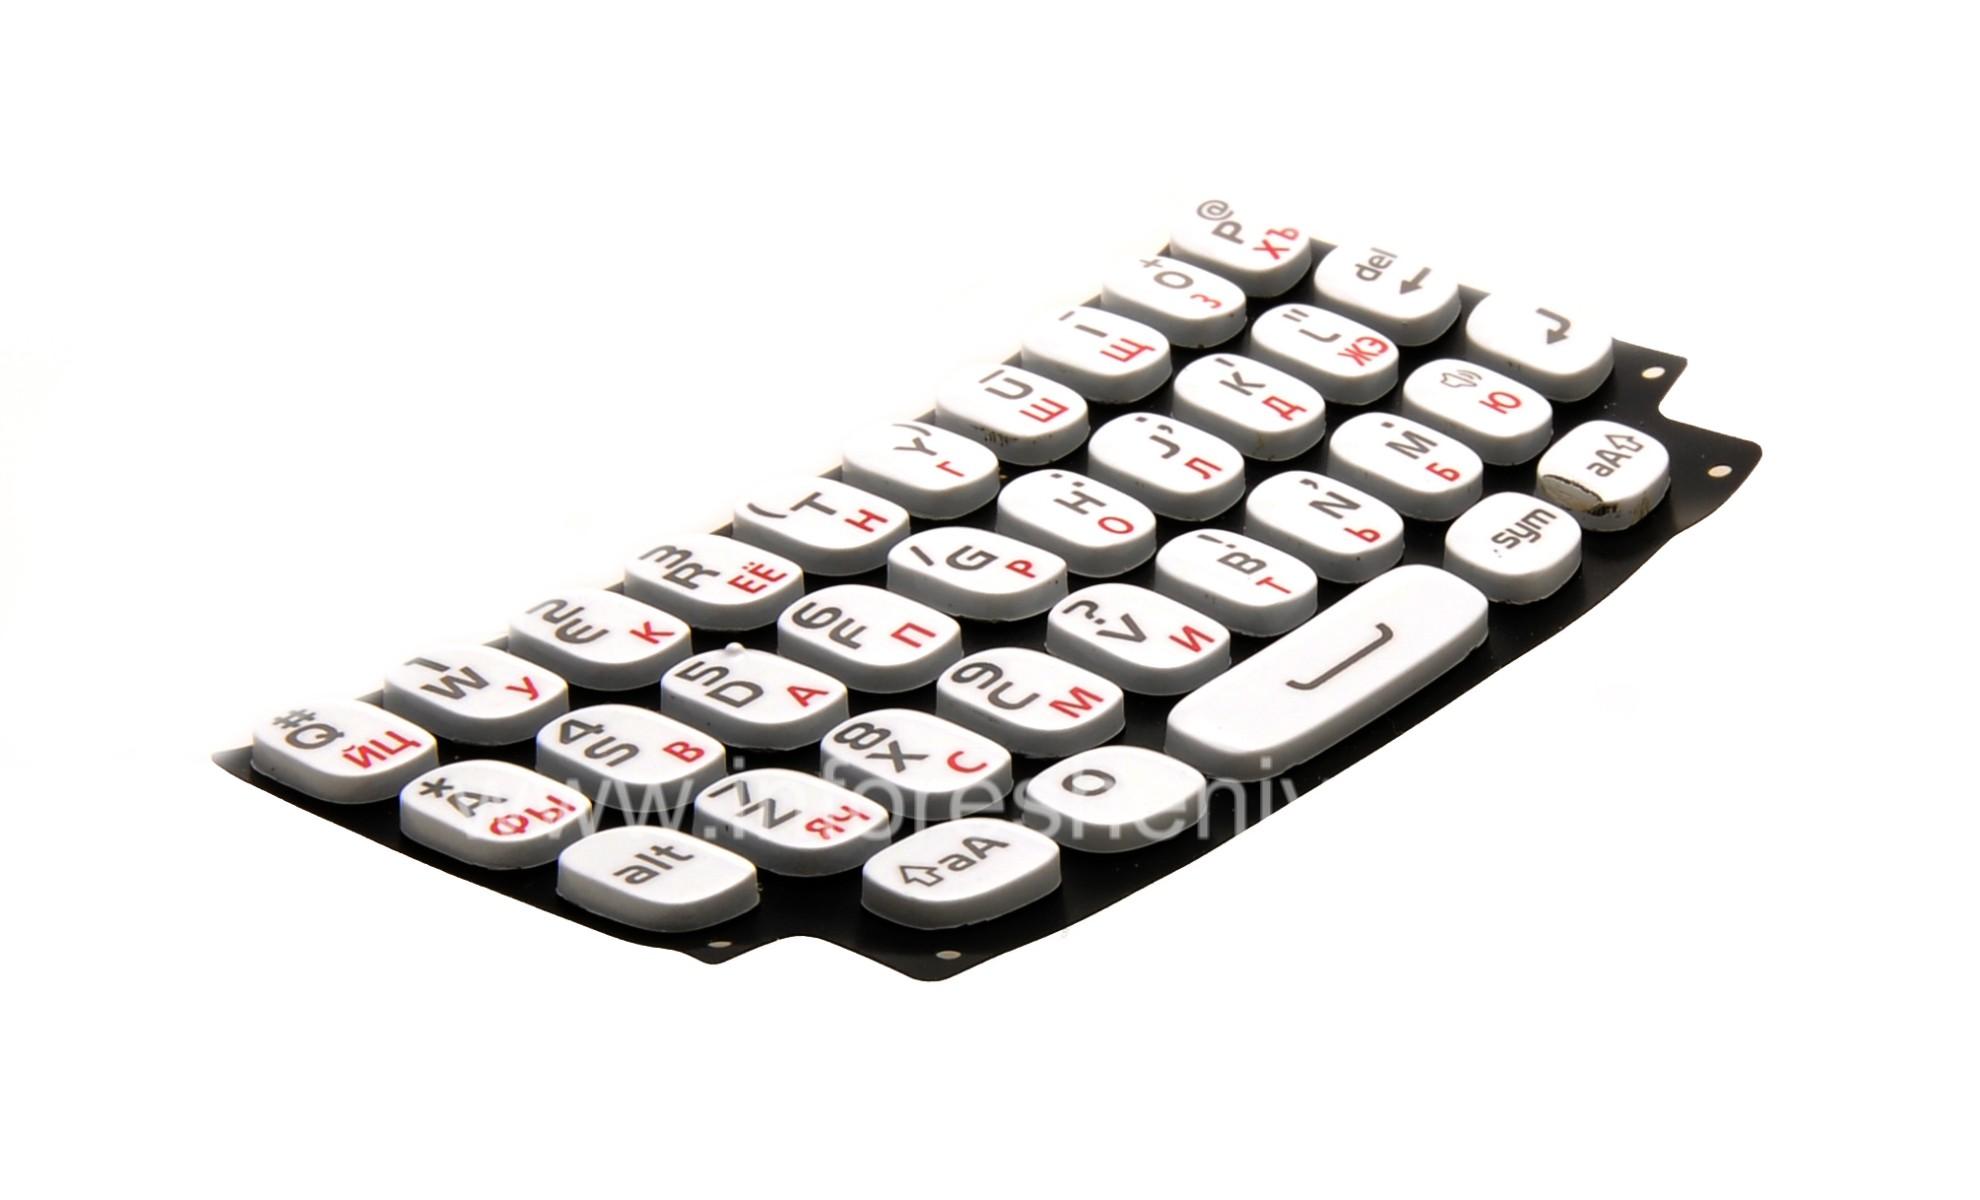 Blanca del teclado ruso para BlackBerry Curve 9360/9370